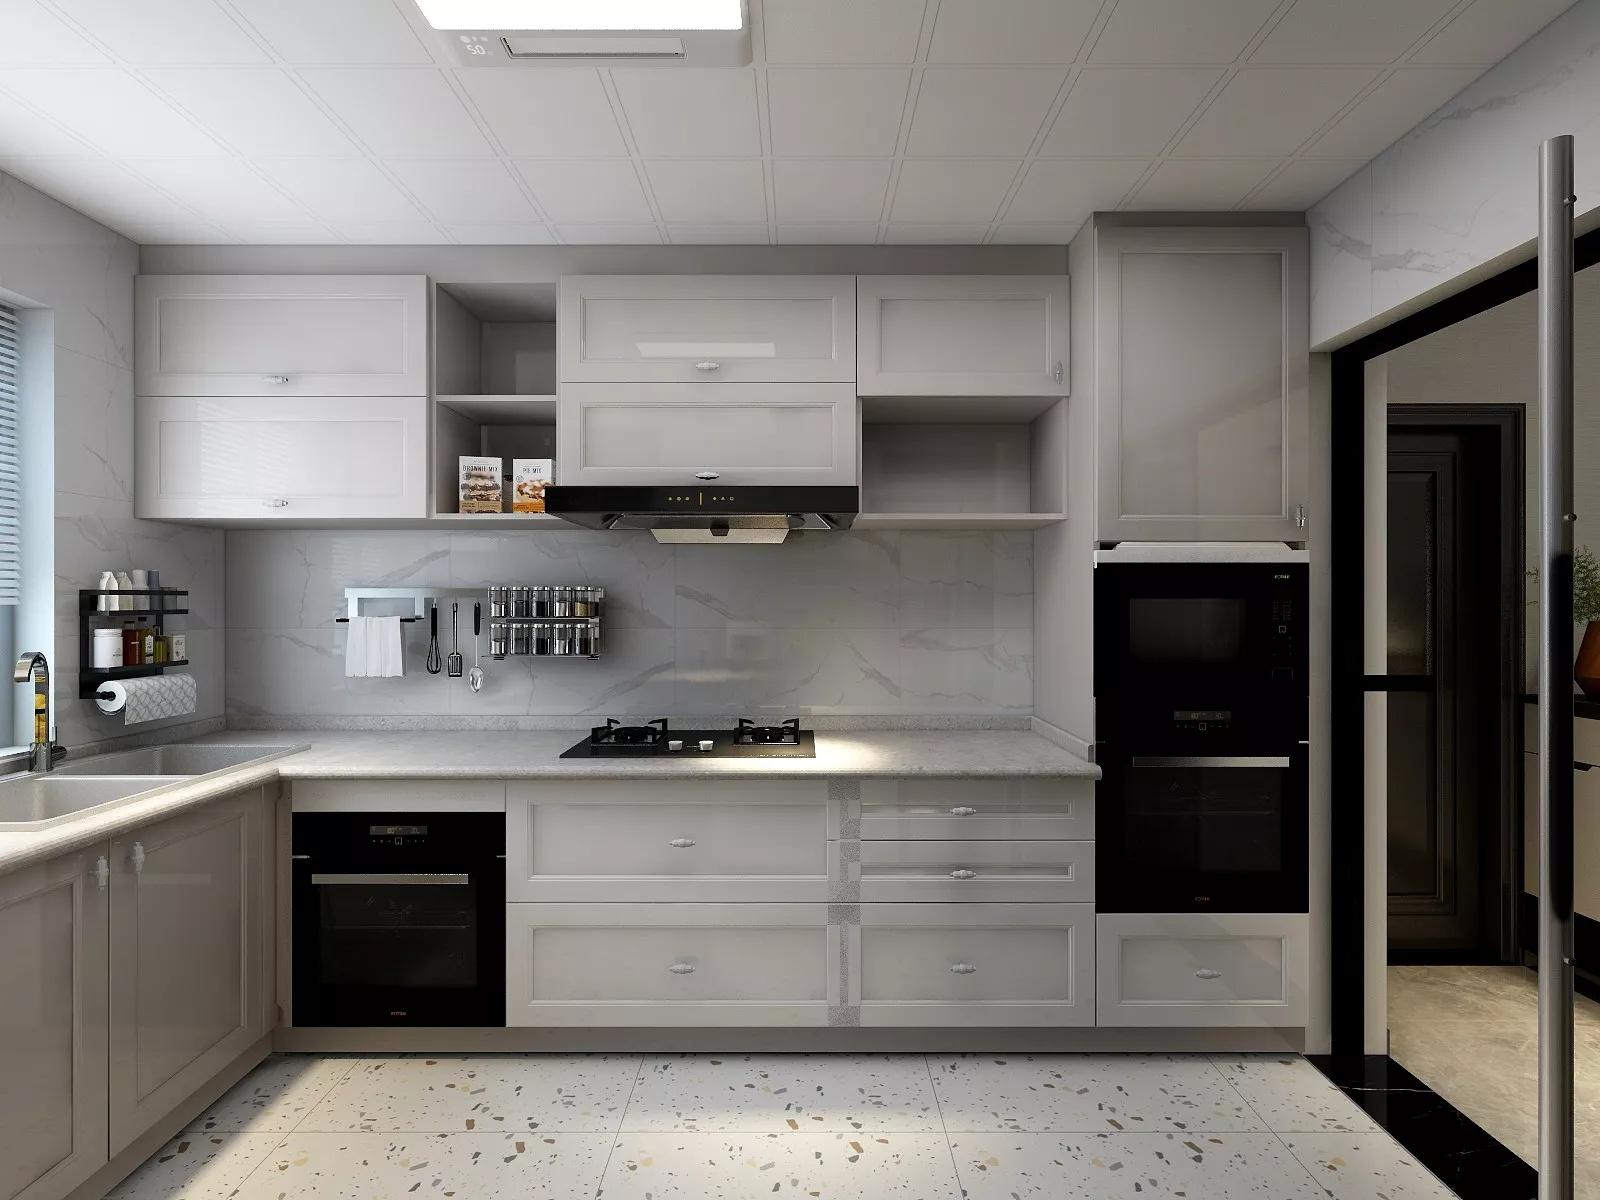 黑白灰装修风格是什么 黑白灰装修风格怎么样